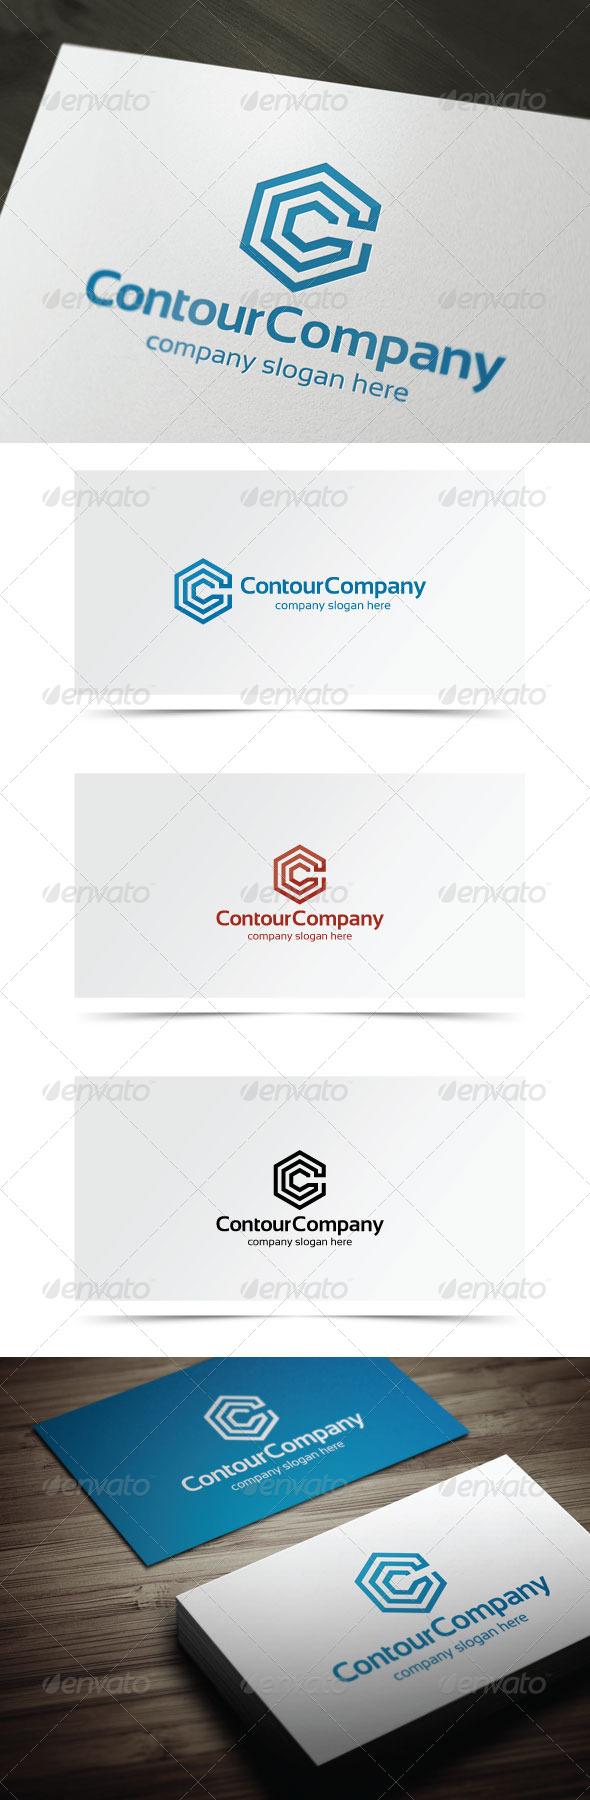 GraphicRiver Contour Company 7302244